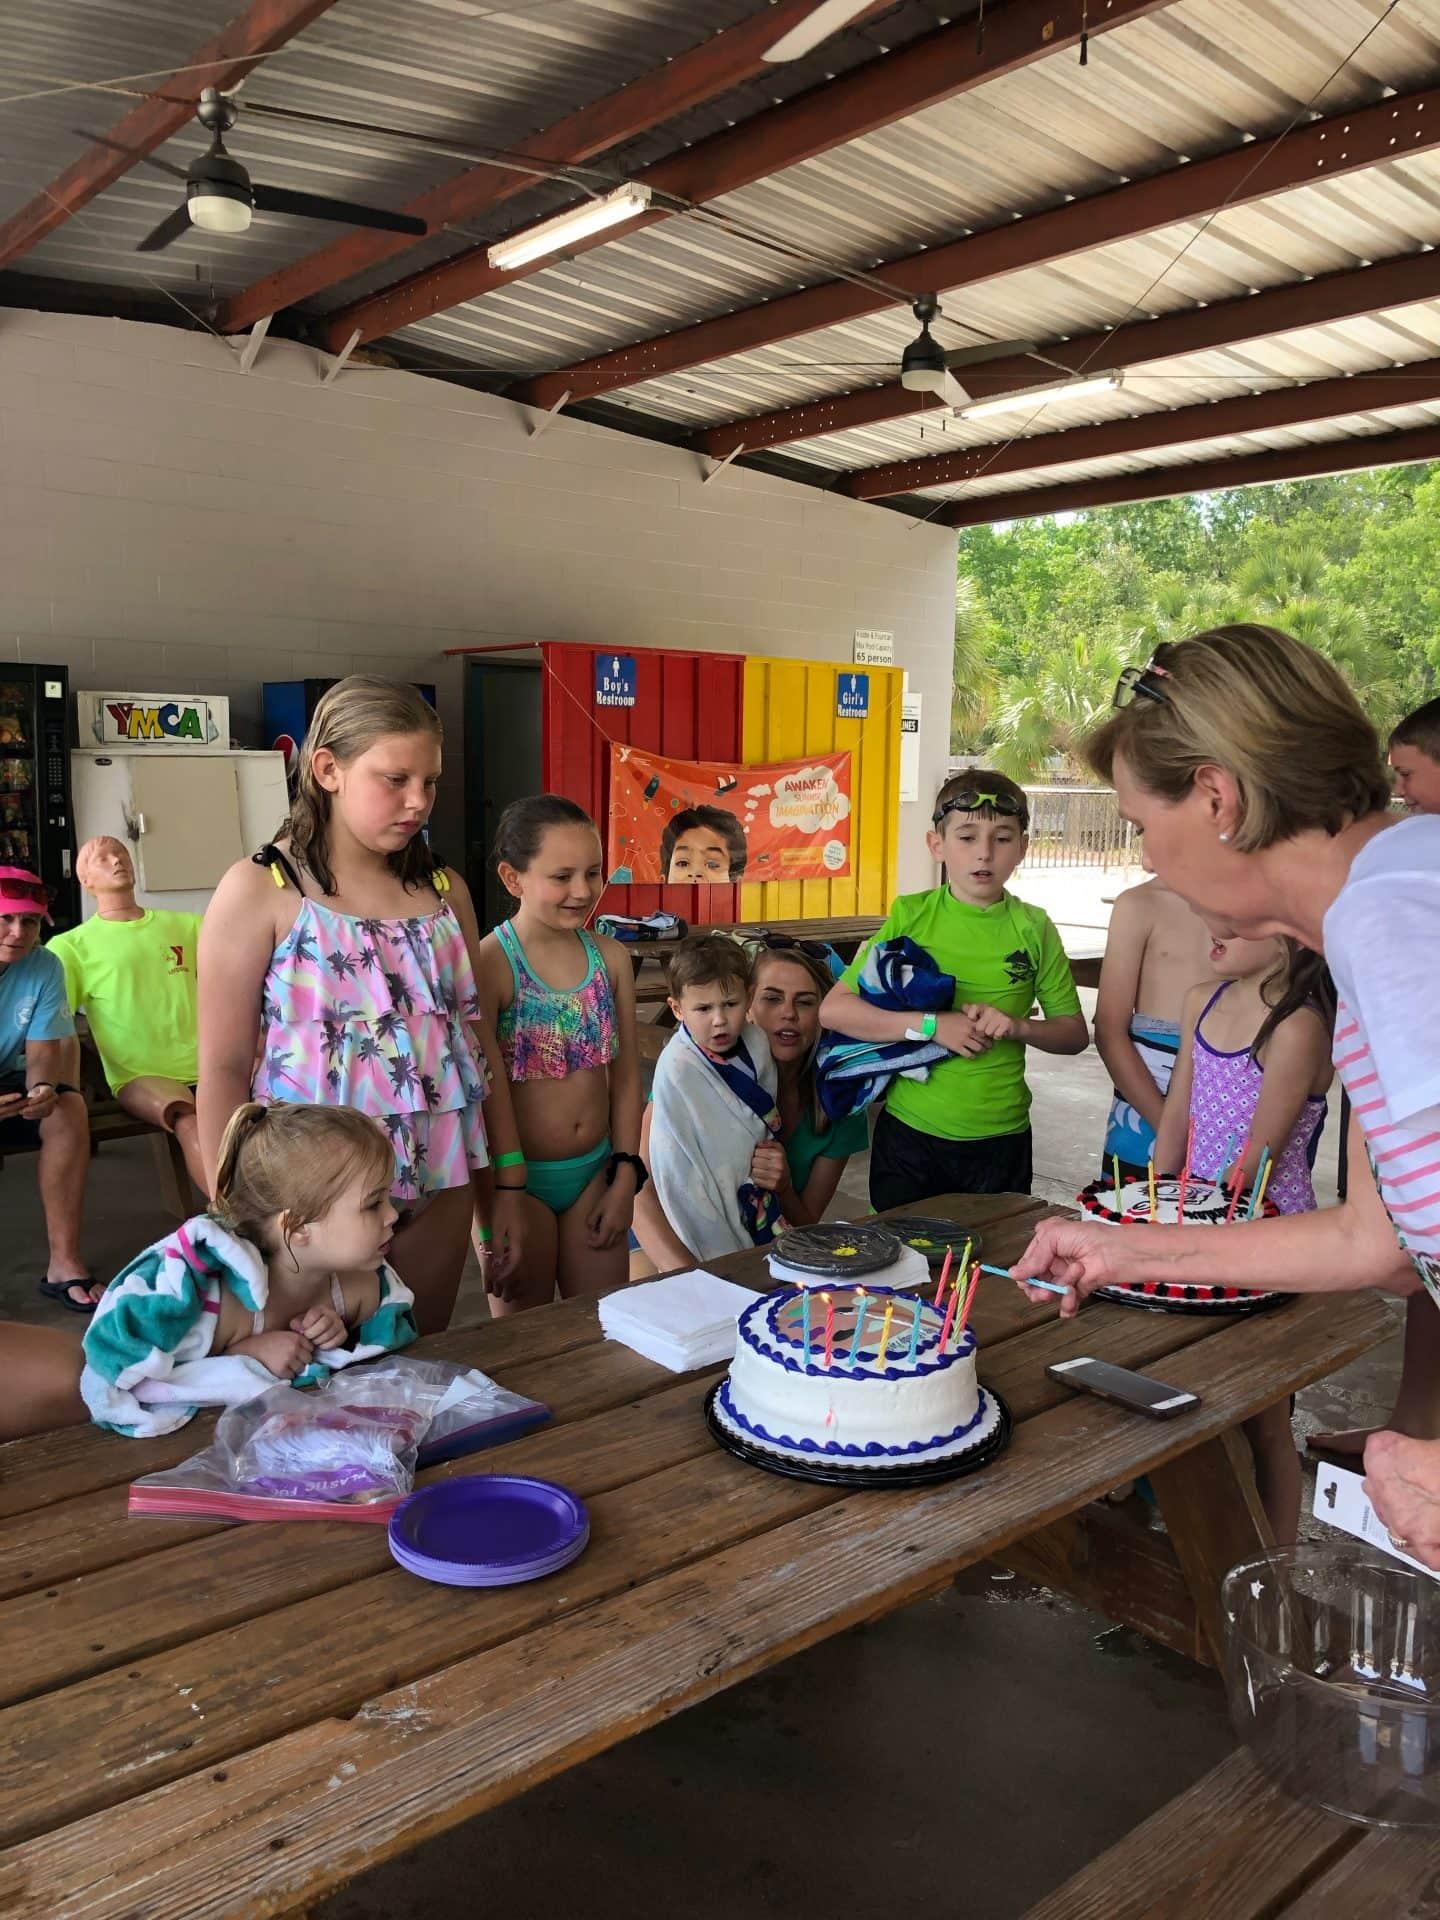 ymca birthday party